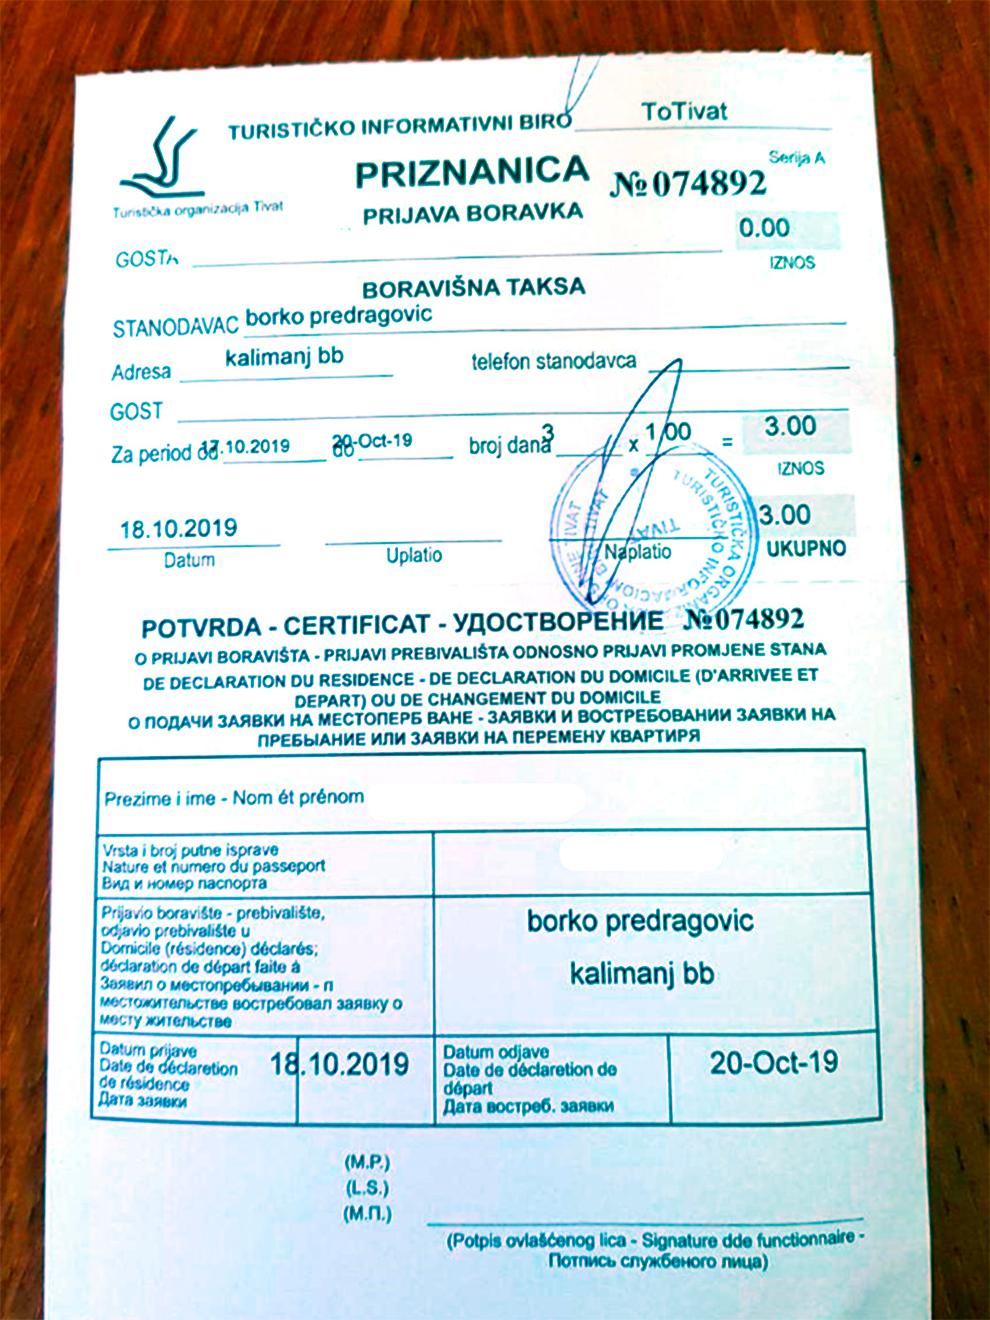 В Тивате выдают такие удостоверения туриста — с паспортными данными. В других городах могут дать обычный кассовый чек